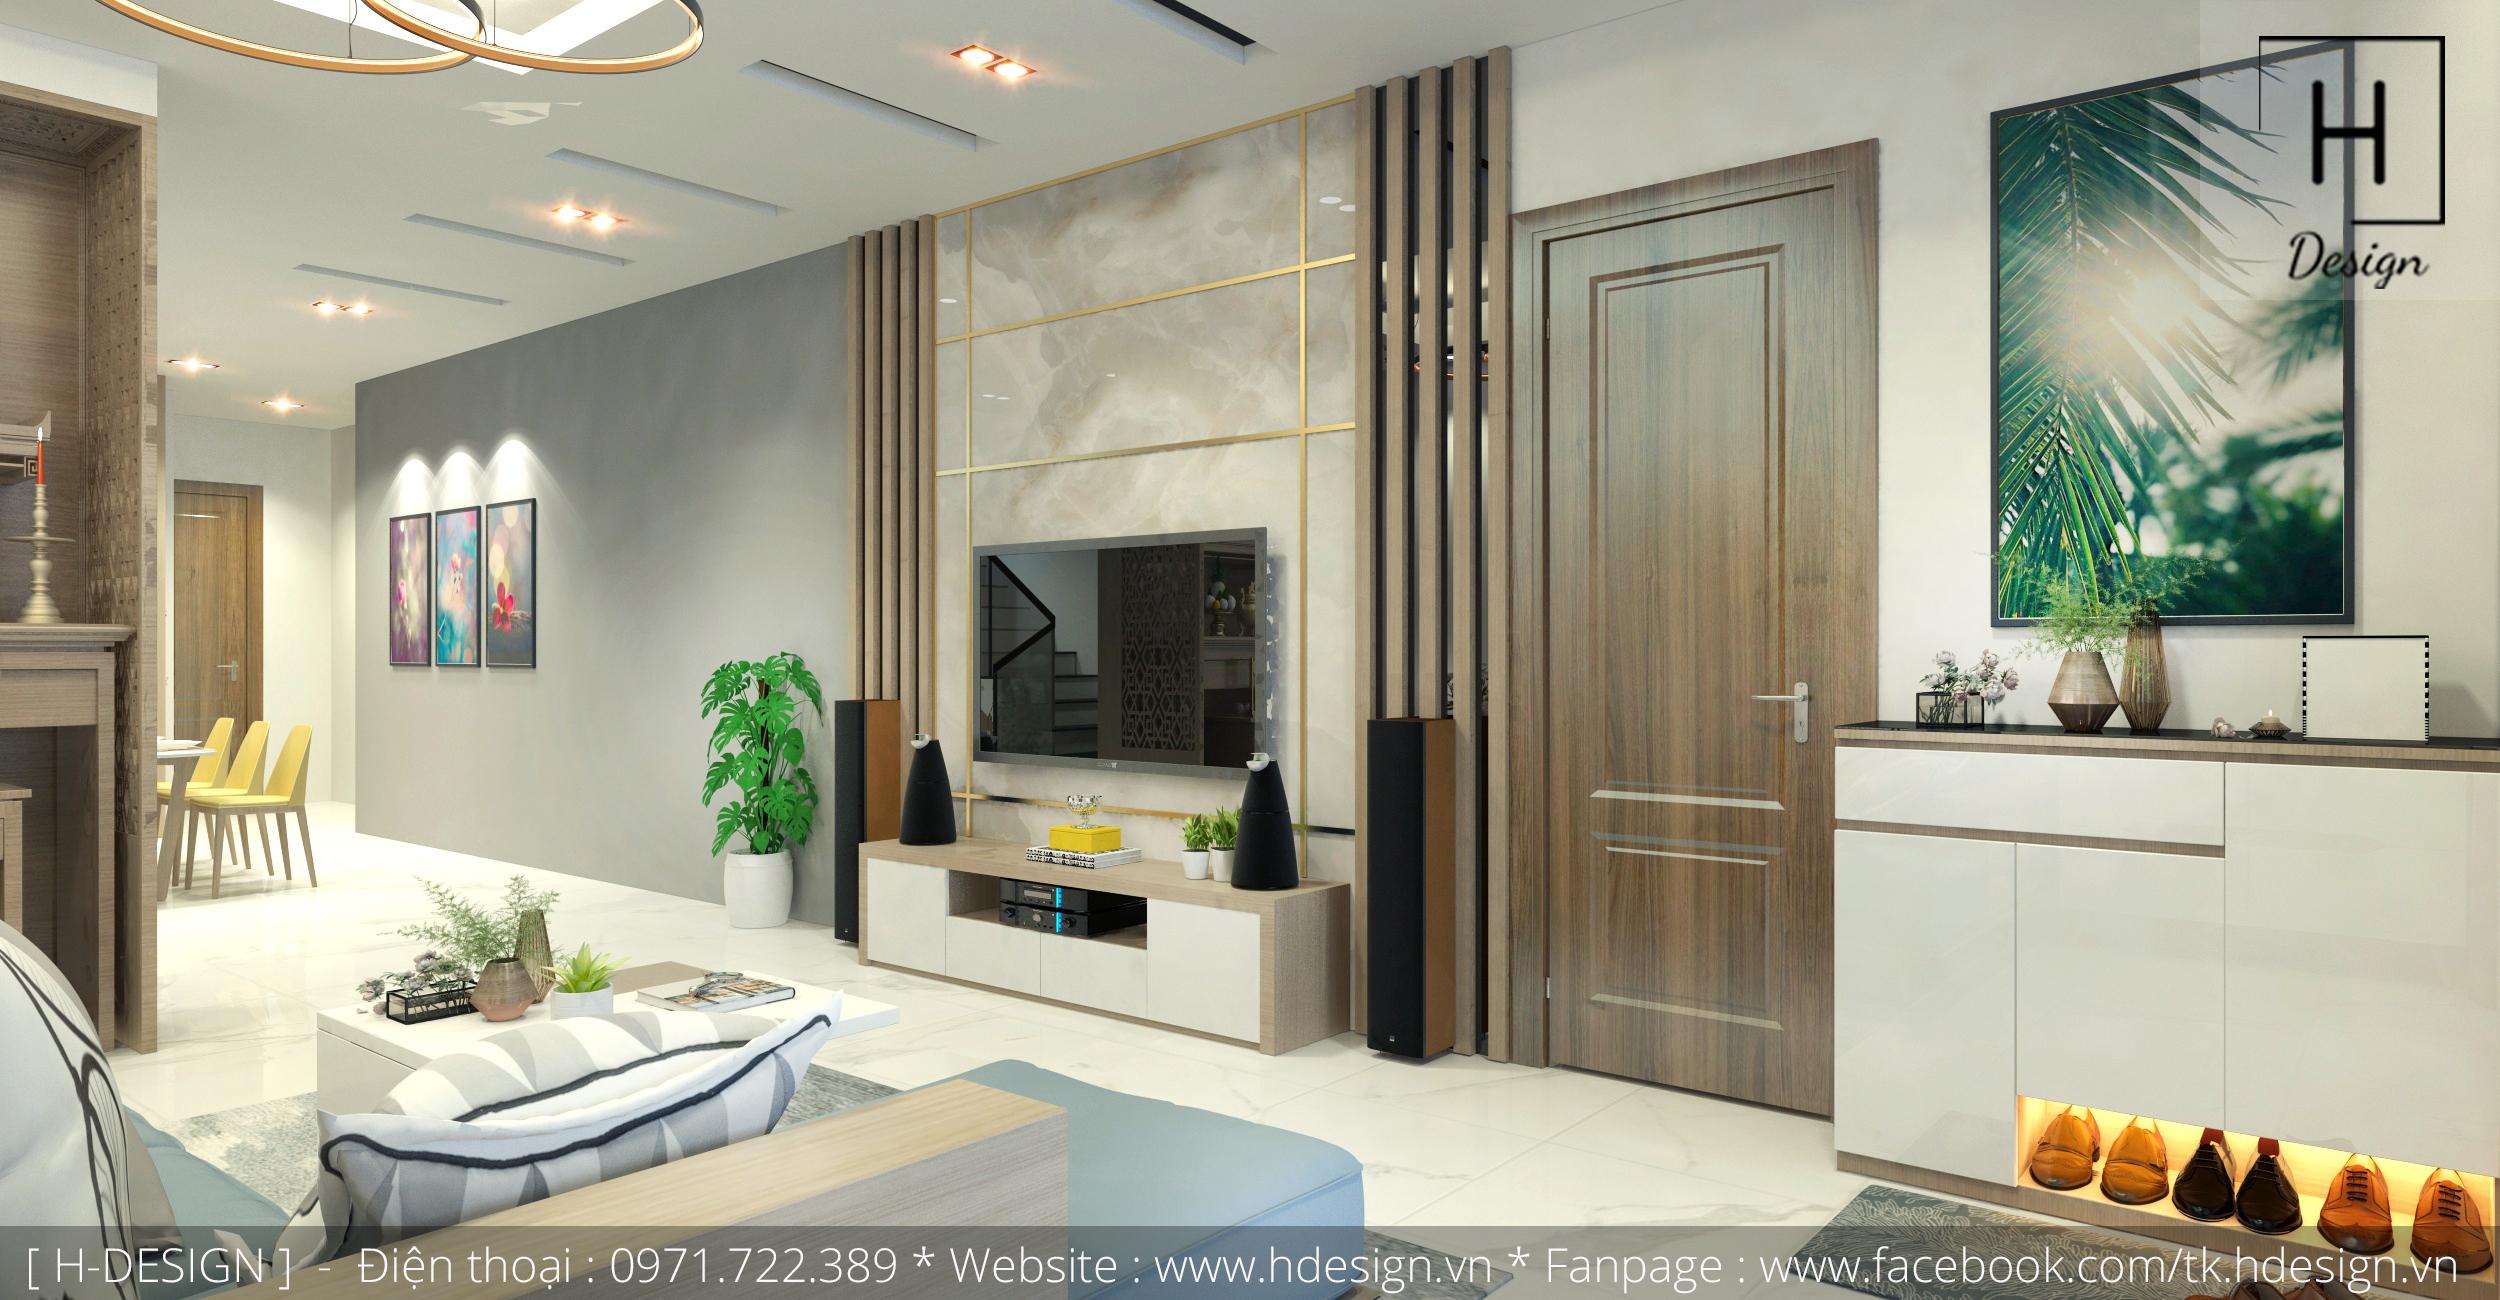 Thiết kế thi công nội thất nhà phố đẹp tại Mễ Trì - Hà Nội